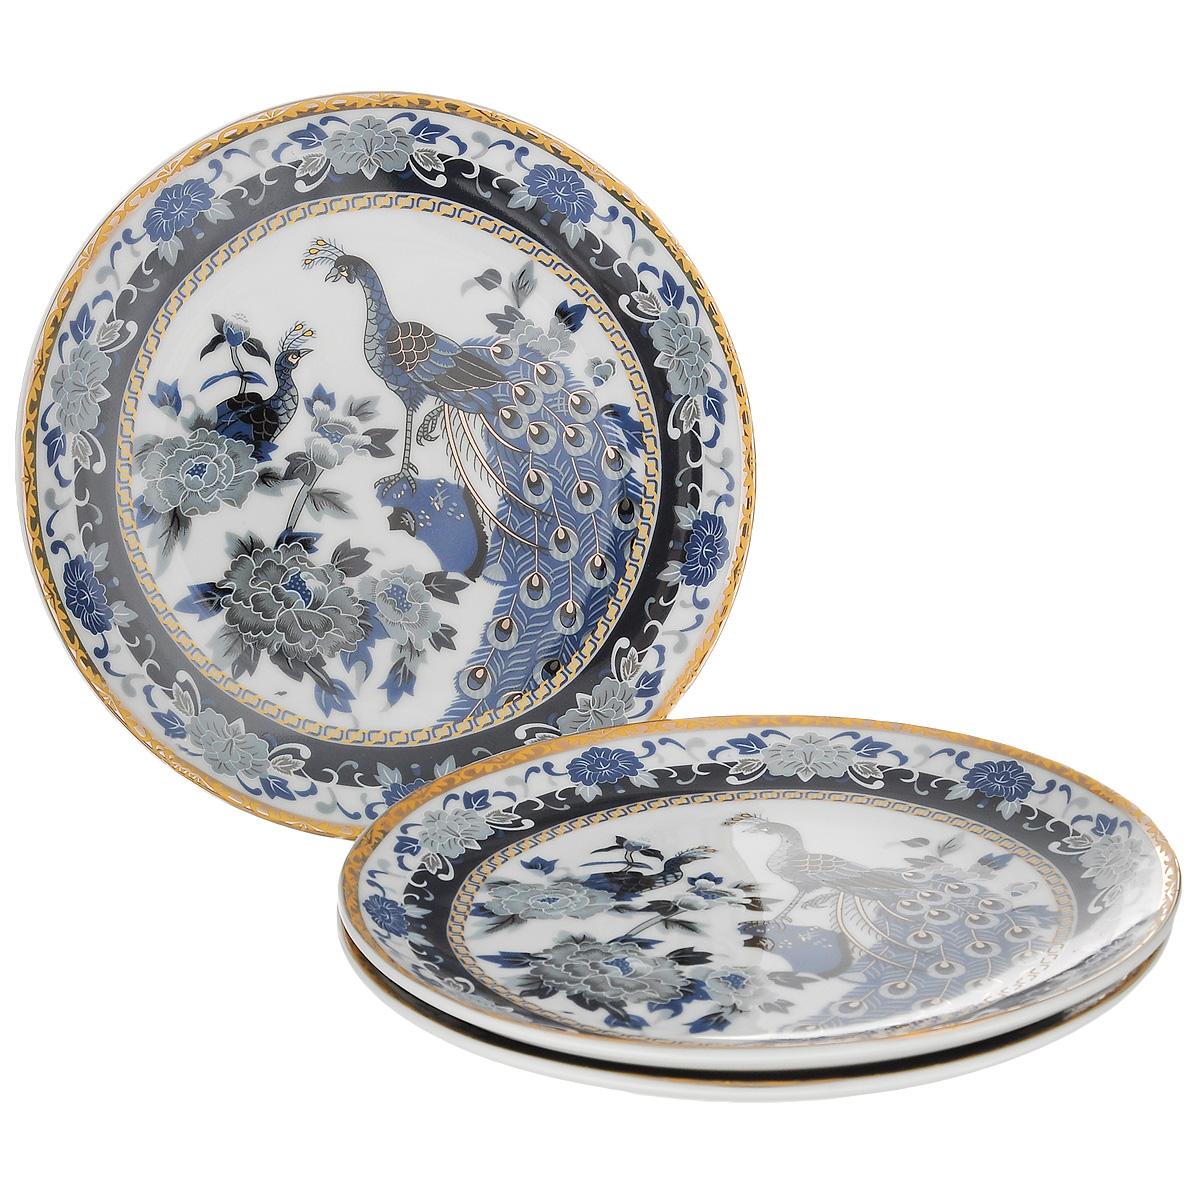 Набор тарелок Saguro Синий павлин, диаметр 18,5 см, 3 шт545-758Набор Saguro Синий павлин состоит из трех тарелок, изготовленных из фарфора. Изделия оформлены золотой каемкой и изображением павлинов и цветов. Такие тарелки сочетают в себе изысканный дизайн с максимальной функциональностью. Красочность оформления придется по вкусу тем, кто предпочитает классику и утонченность. Оригинальные тарелки украсят сервировку вашего стола и подчеркнут прекрасный вкус хозяйки, а также станут отличным подарком. Не использовать в микроволновой печи. Не применять абразивные чистящие вещества. Диаметр тарелки: 18,5 см.